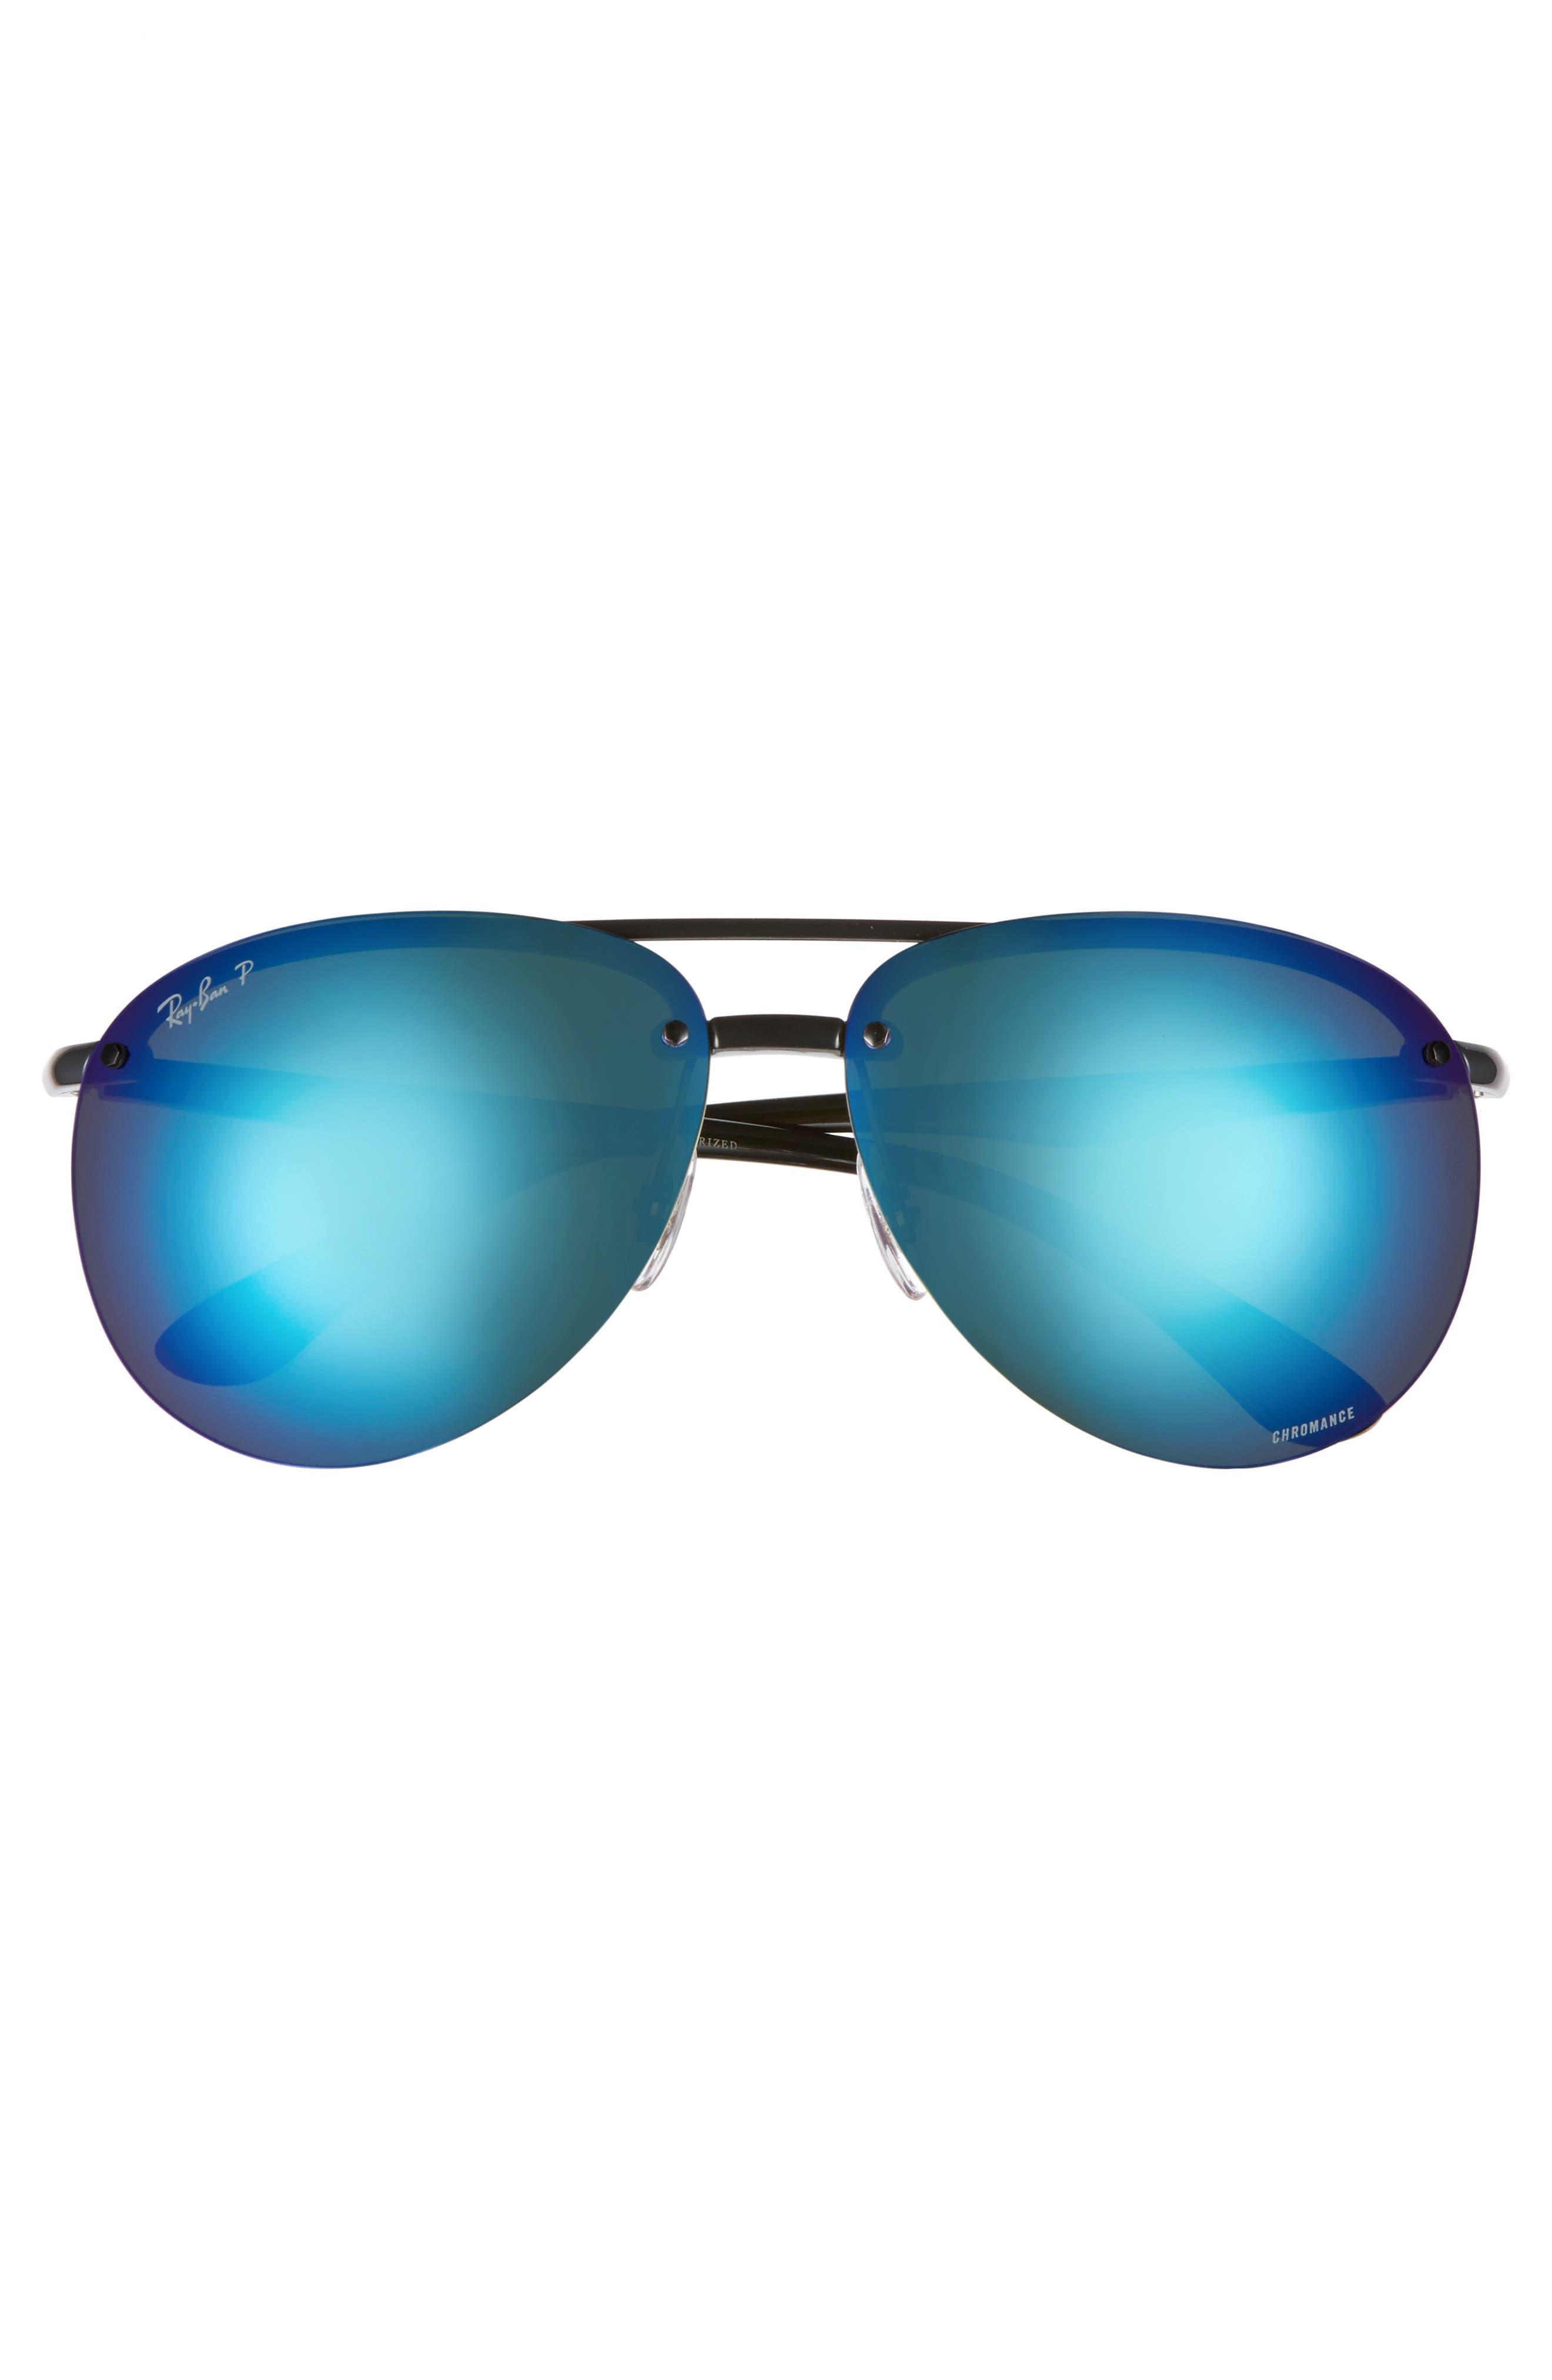 65mm Chromance Polarized Aviator Sunglasses,                             Alternate thumbnail 2, color,                             Black